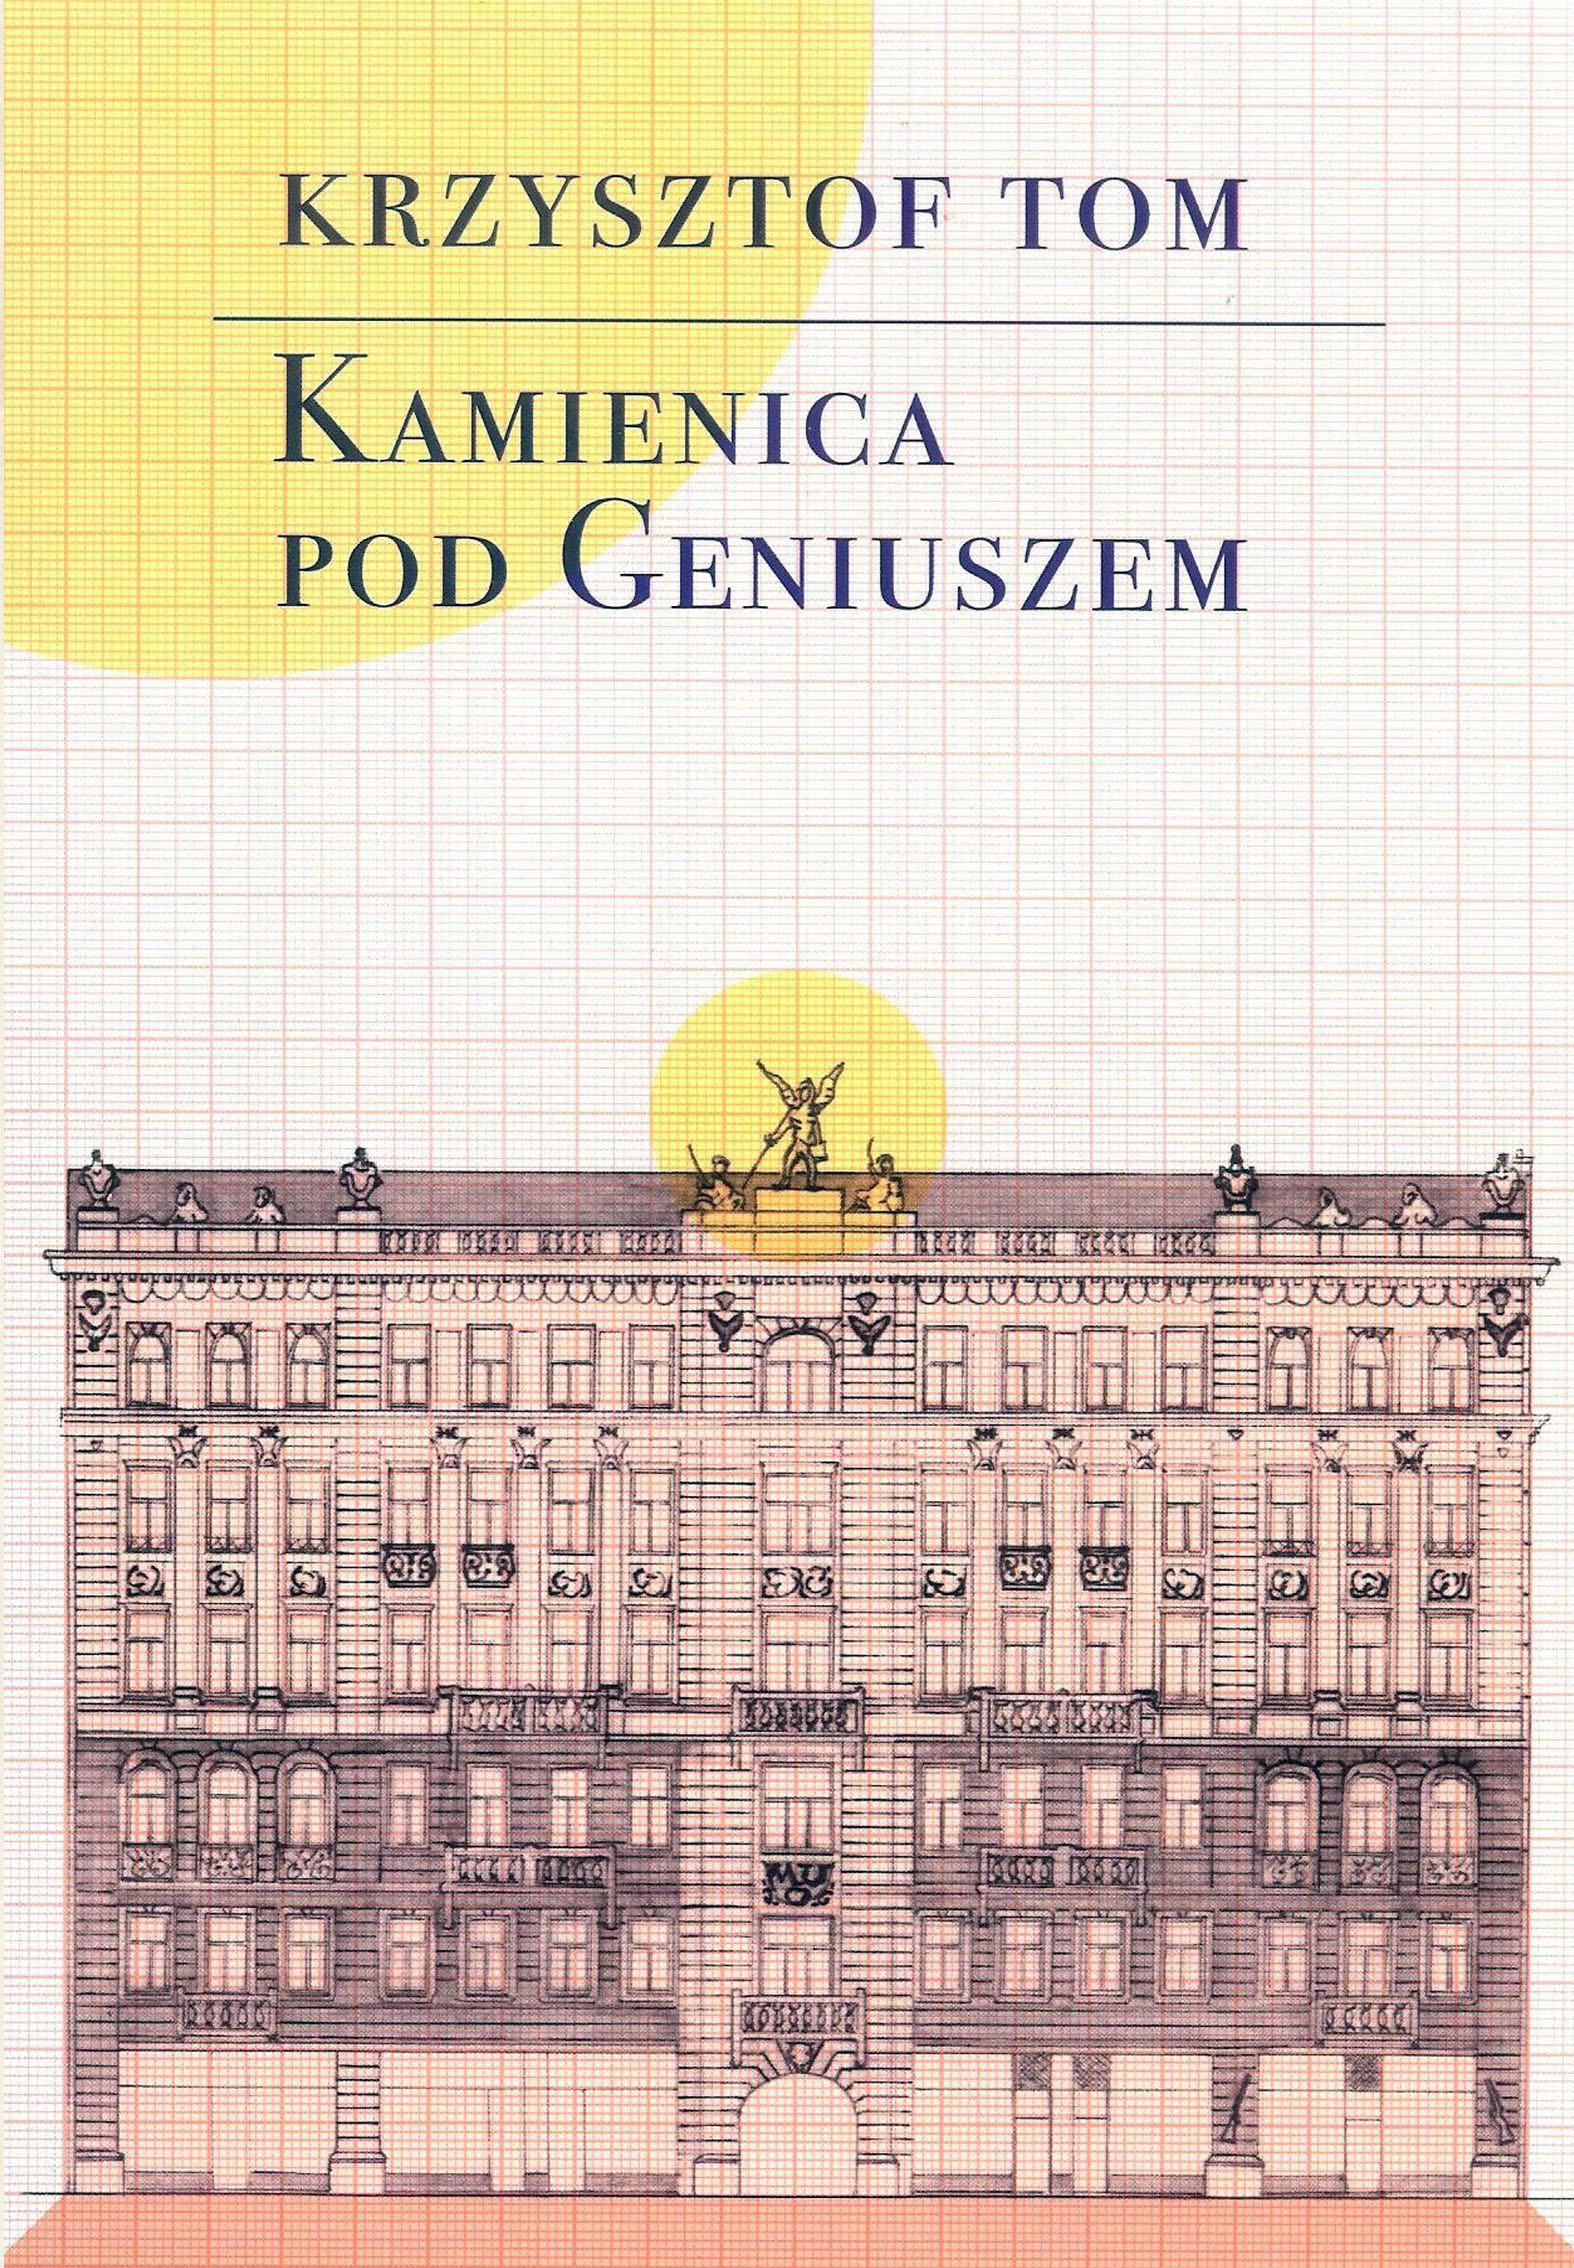 001_kamienica-pod-geniuszem